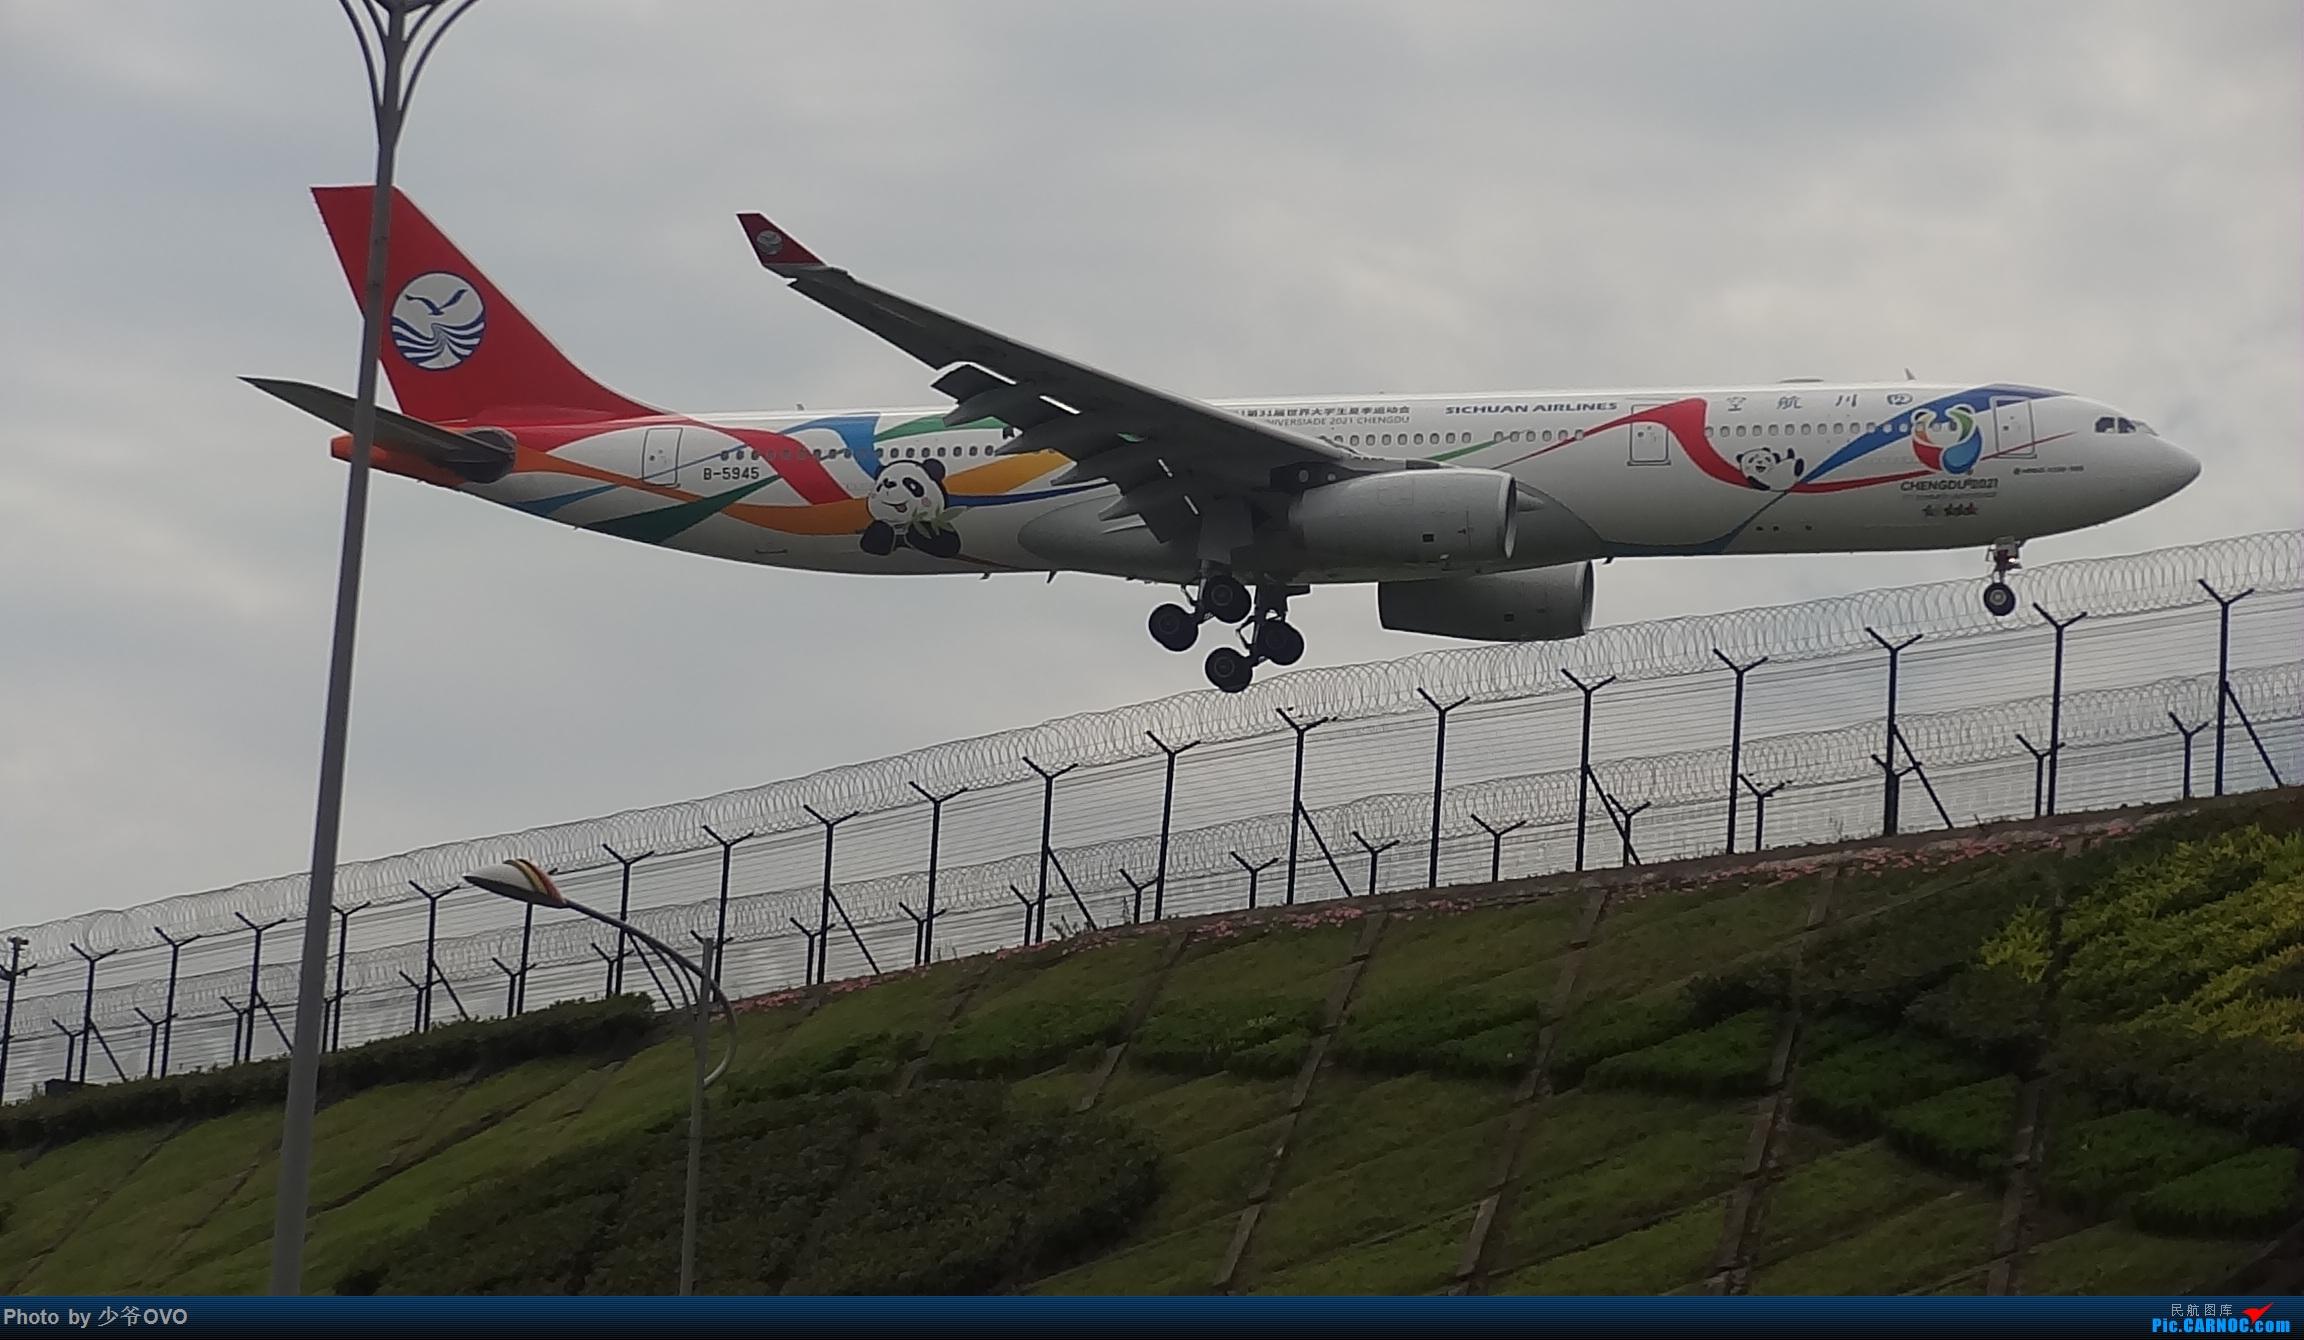 Re:[原创]CKG拍机,数码机最后的倔强 AIRBUS A330-300 B-5945 中国重庆江北国际机场